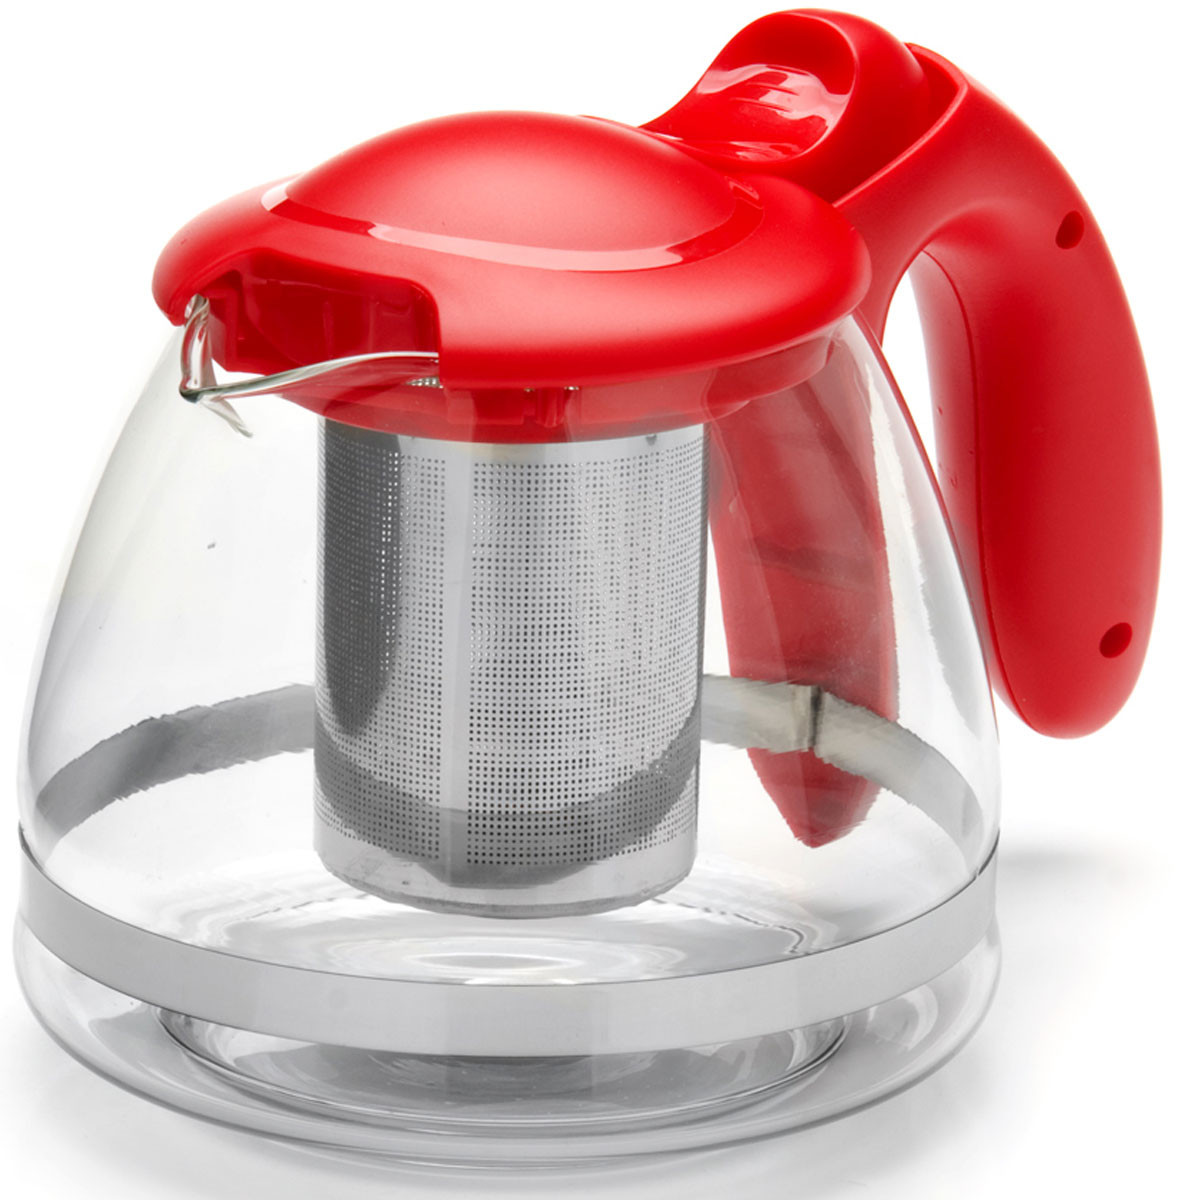 Чайник заварочный Mayer & Boch, с фильтром, 1,2 л. 26172-1VT-1520(SR)Заварочный чайник изготовлен из термостойкого боросиликатного стекла, фильтр выполнены из нержавеющей стали. Изделия из стекла не впитывают запахи, благодаря чему вы всегда получите натуральный, насыщенный вкус и аромат напитков. Подходит для мытья в посудомоечной машине.Объем чайника: 1200 мл.